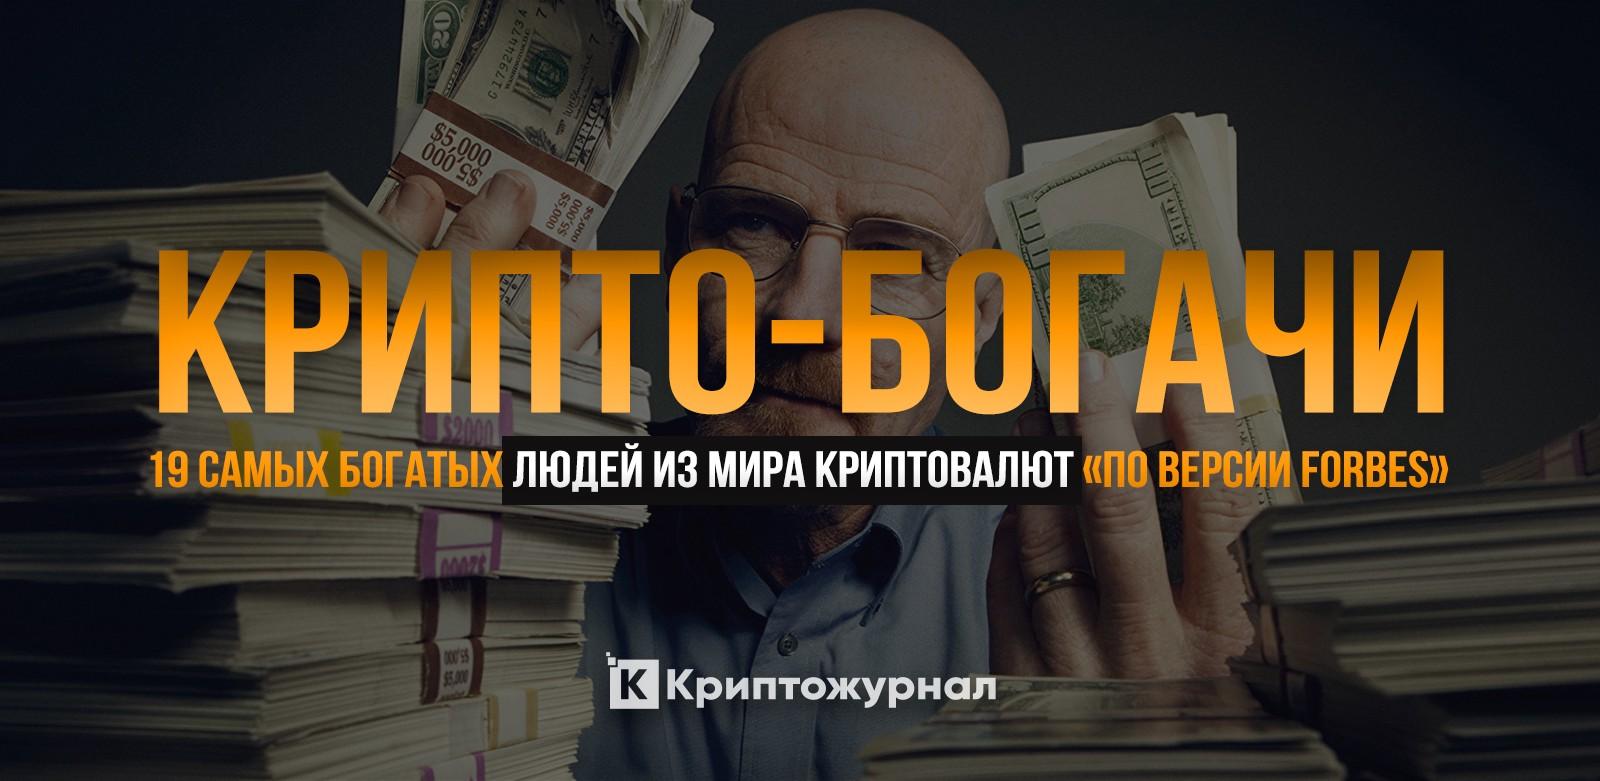 Американские онлайн-казино (сша) — играть в игровые автоматы бесплатно или на деньги